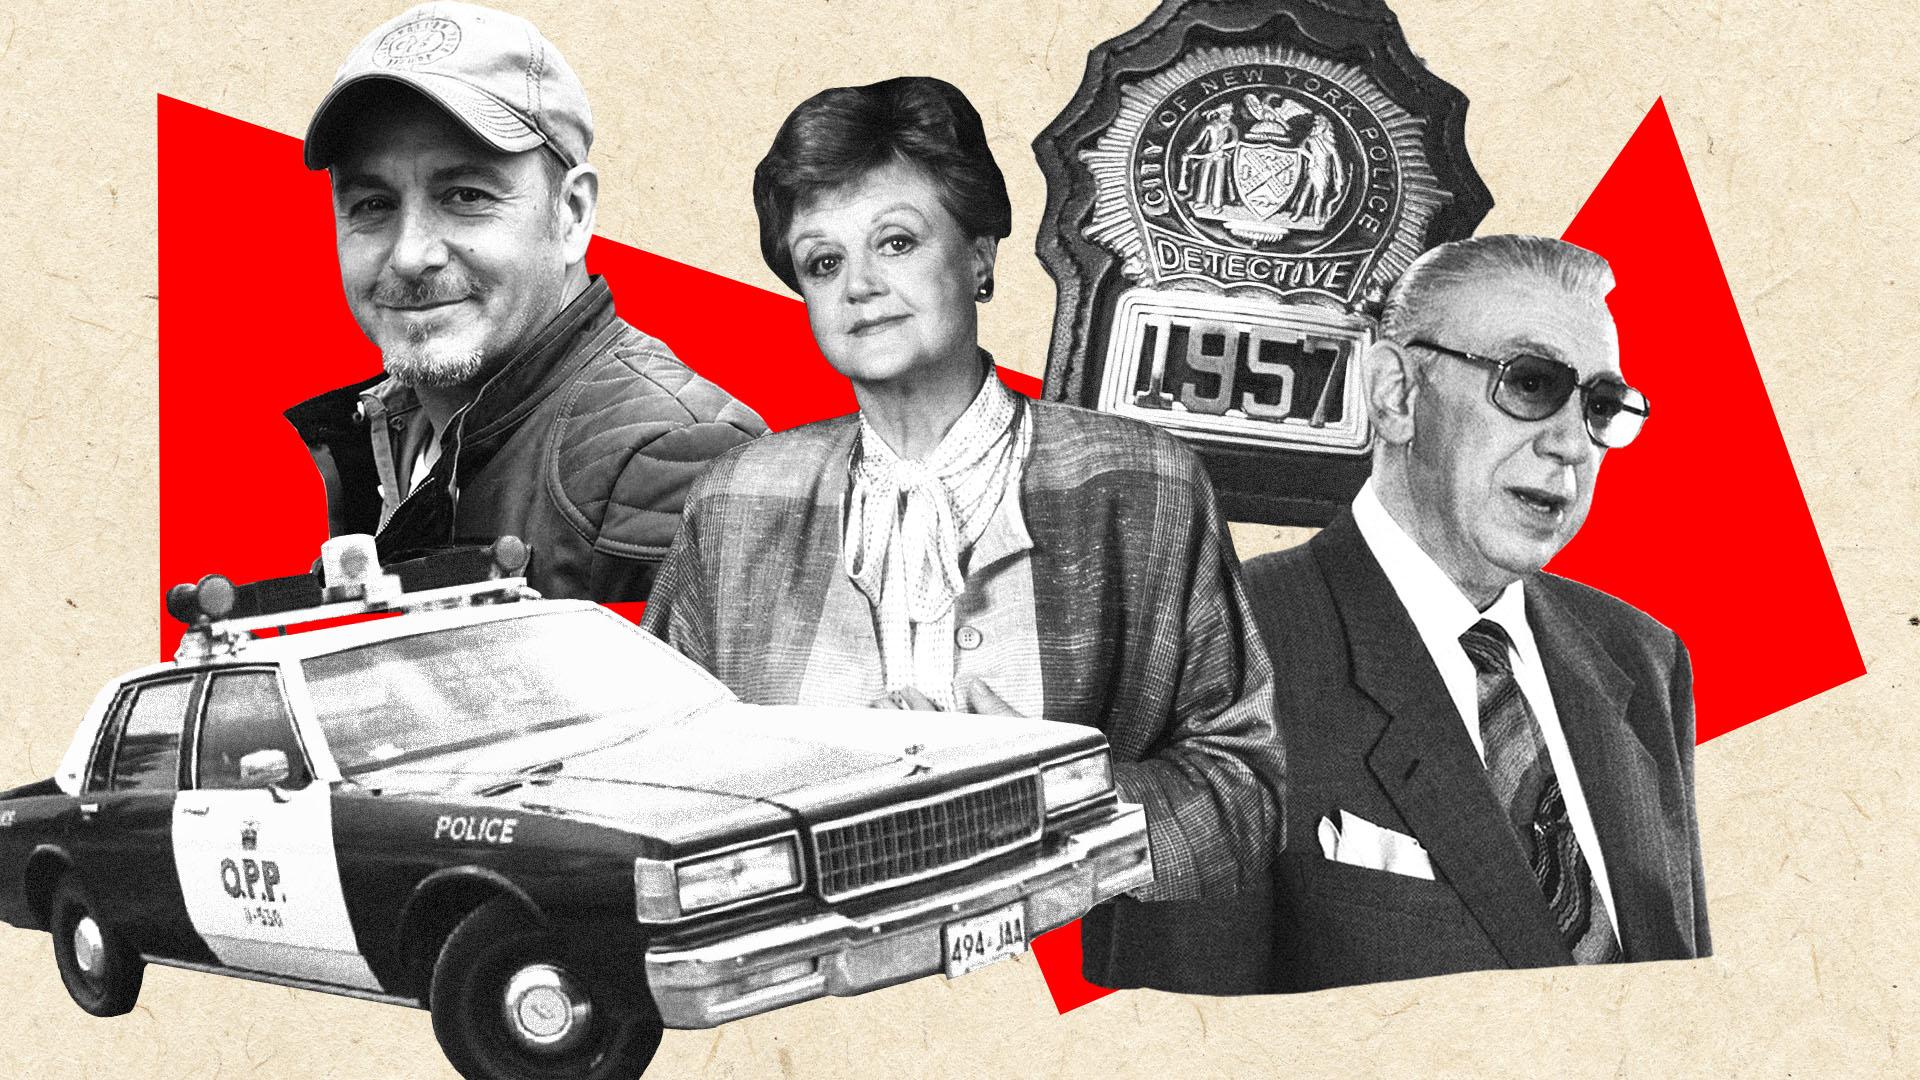 Tévés nyomozók, akik a szerepükben ragadtak